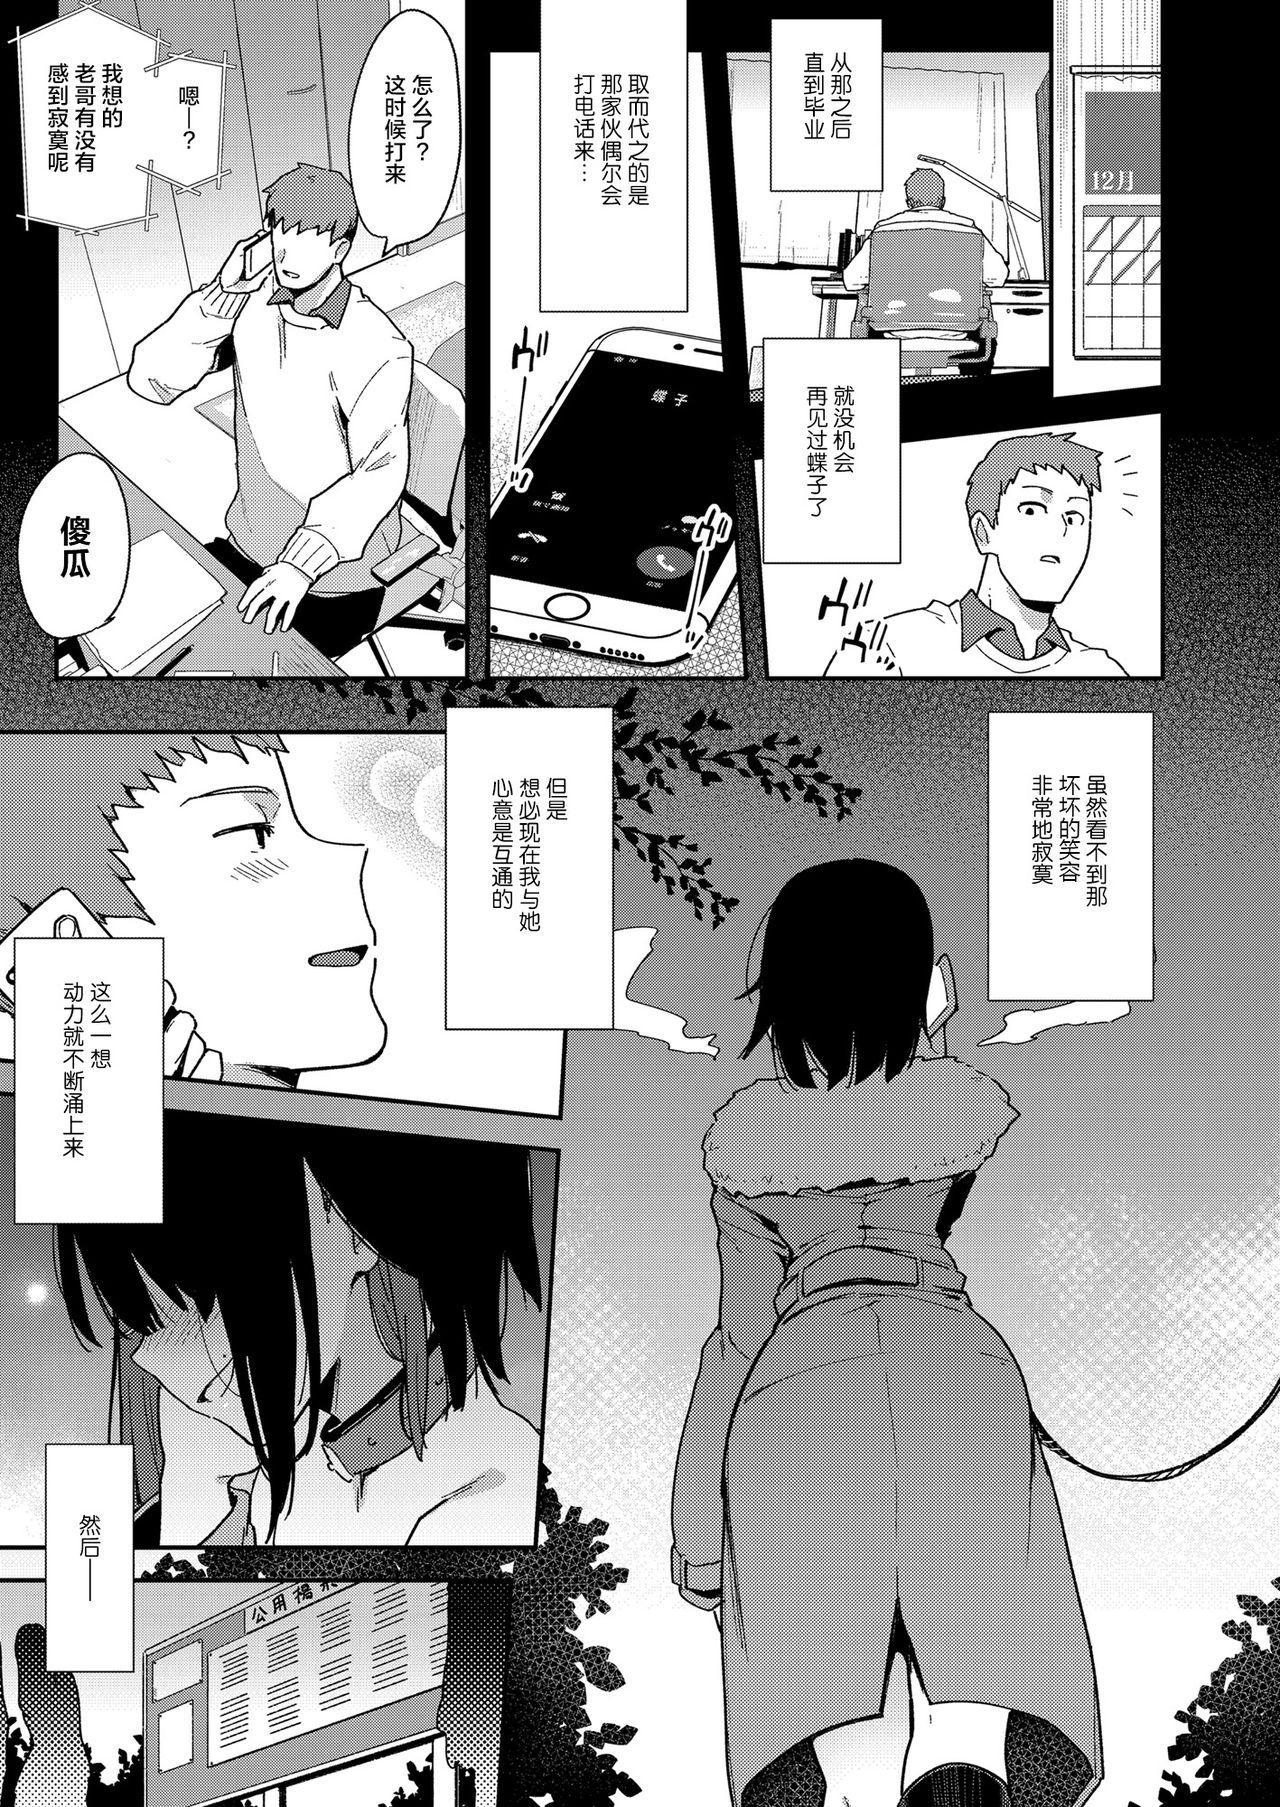 Chouko III Akuyuu Ijou Koibito Miman no Osananajimi ga Shiranai Tokoro de Yarichin ni Hamerare Seirinri o Kanzen Hakai sareru made 44